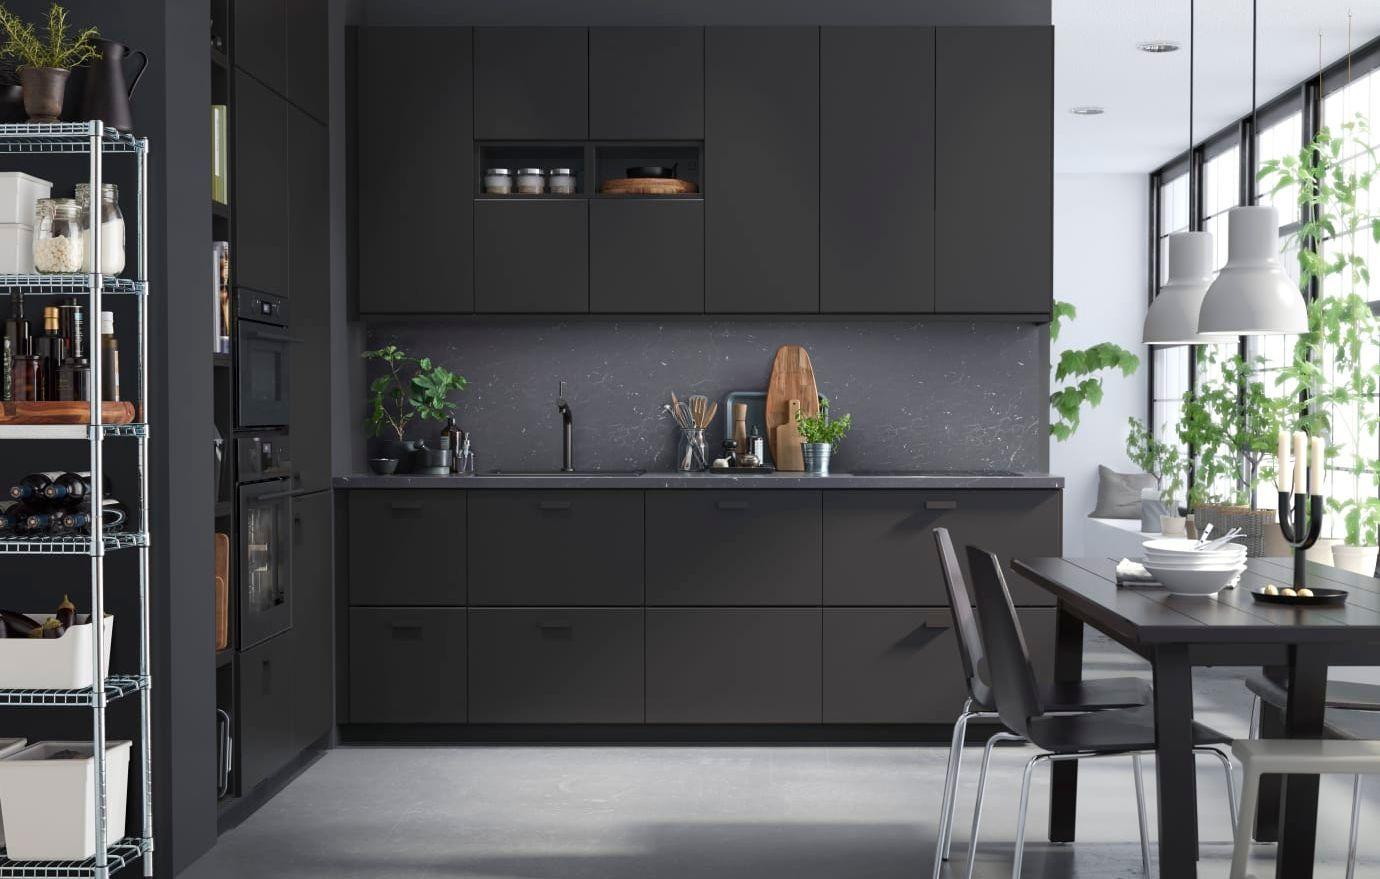 cyrielle benaim dcouvrez la rnovation complte duun appartement o la cuisine noire et bois a t. Black Bedroom Furniture Sets. Home Design Ideas